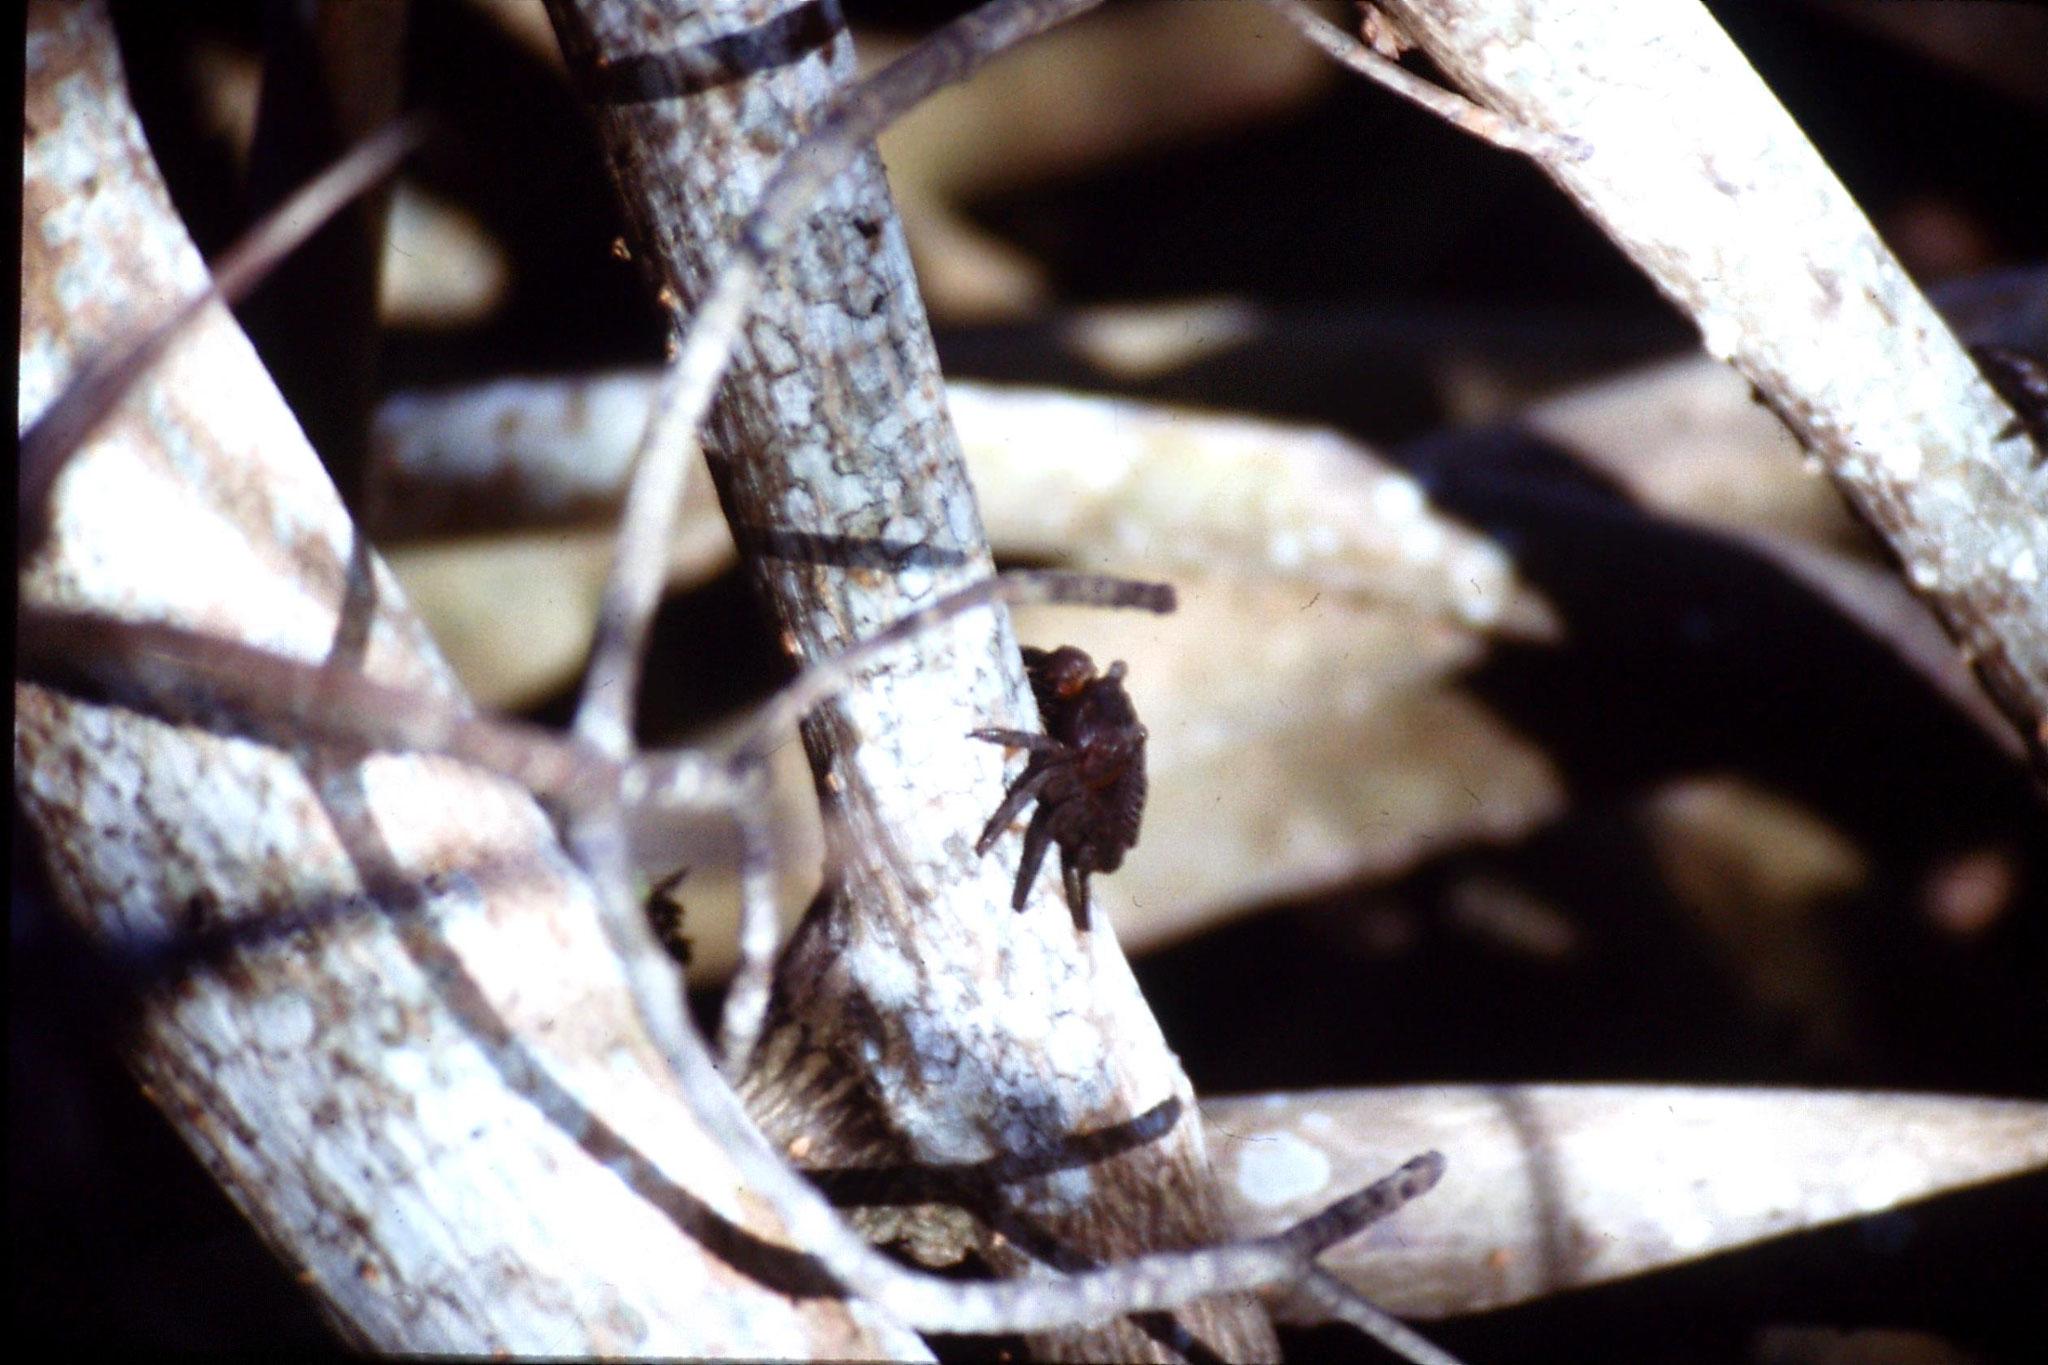 5/1/1991: 24: mangrove crab